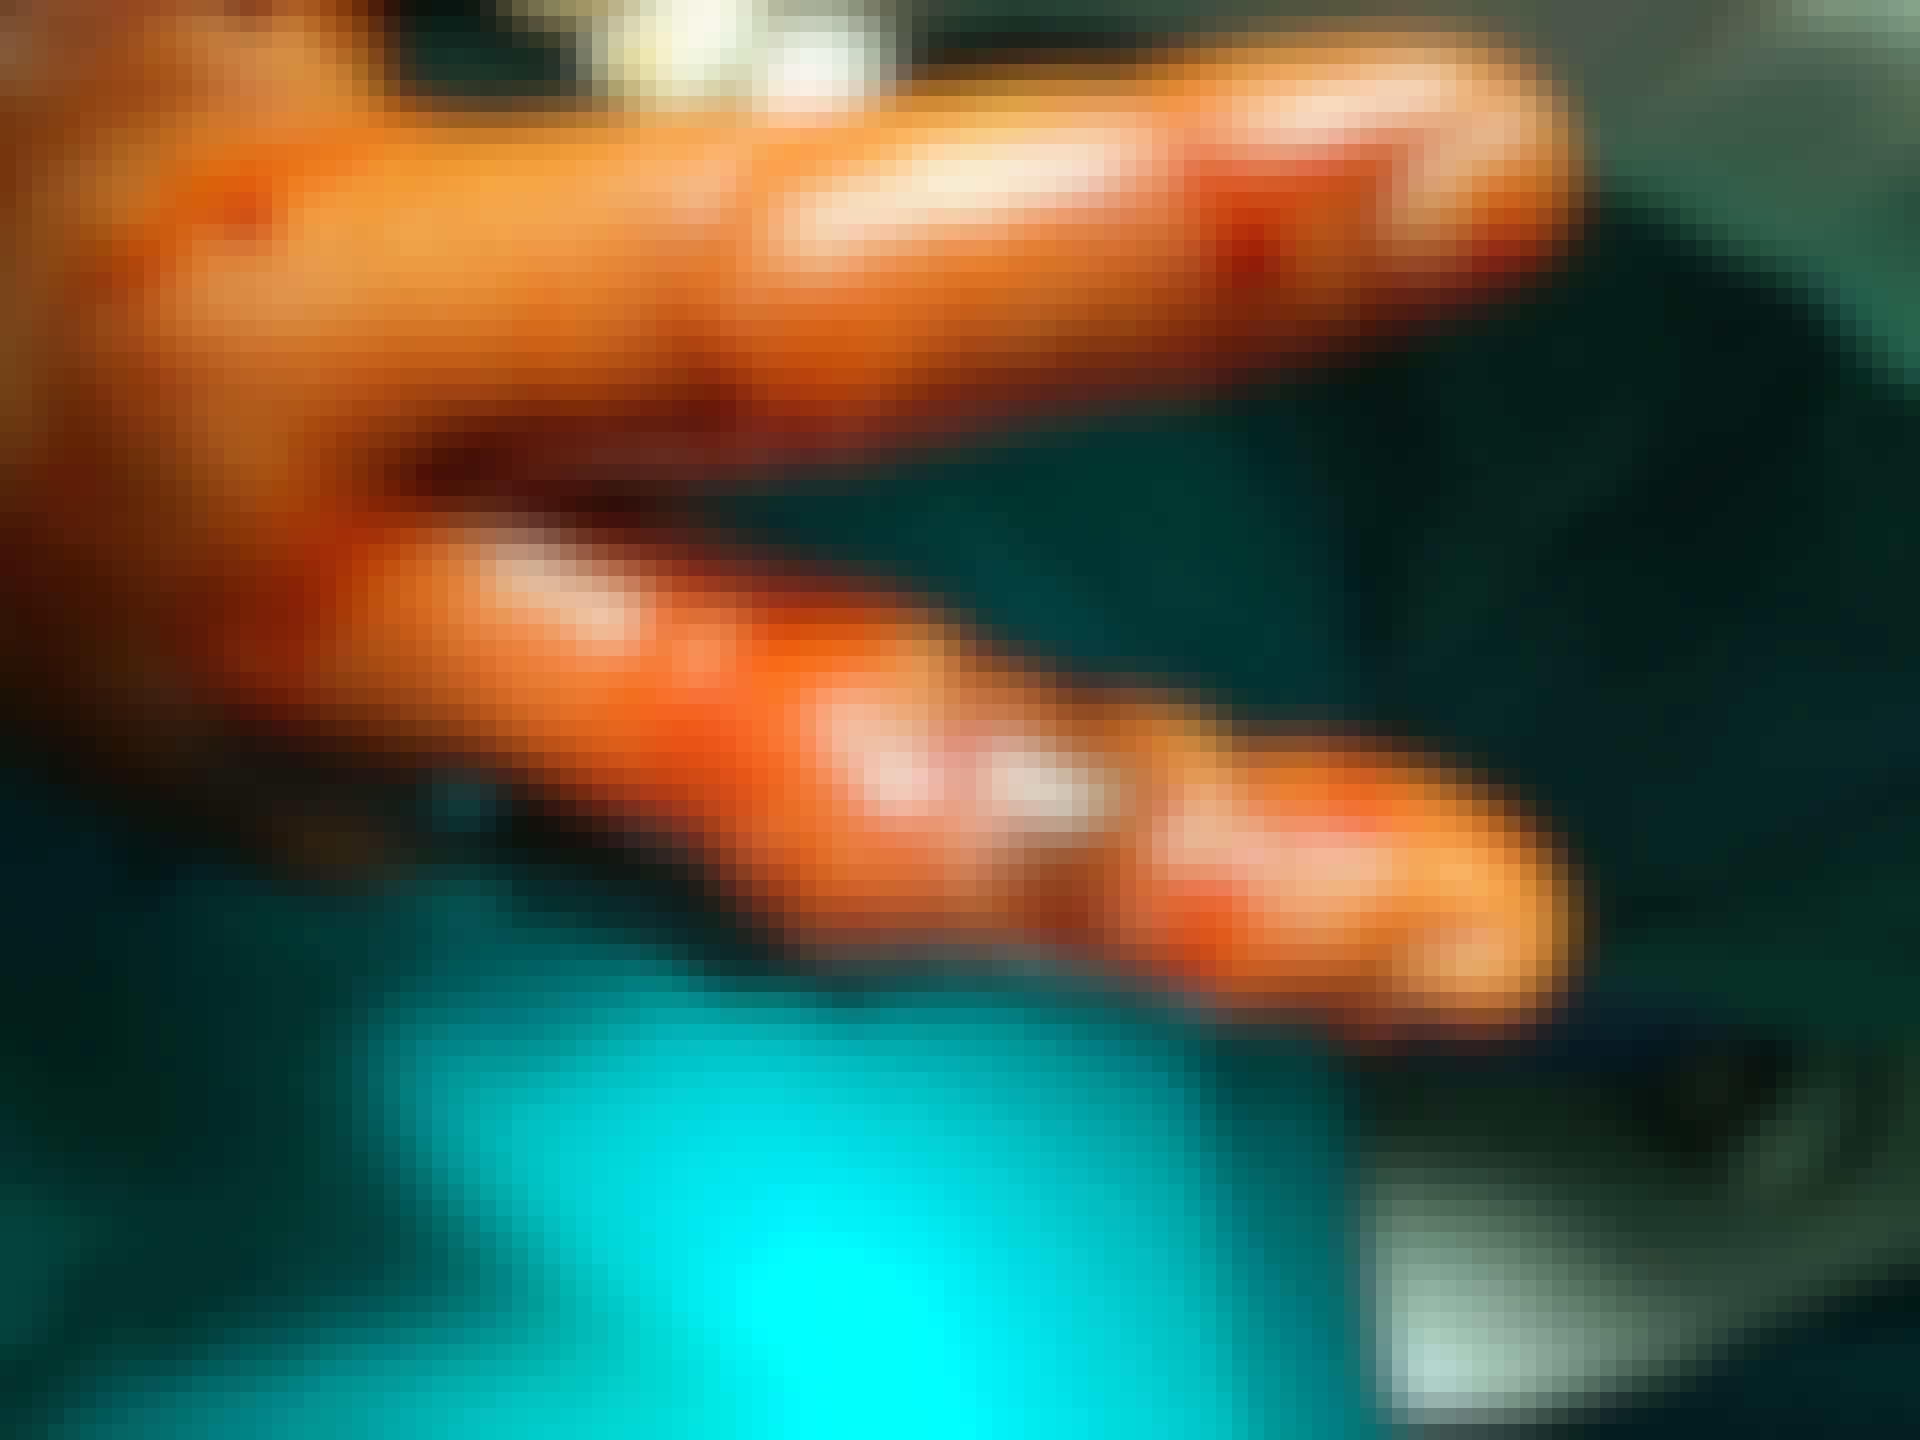 Käärmeenmyrkky on ohentanut verta niin paljon, että sitä tihkuu ihon läpi